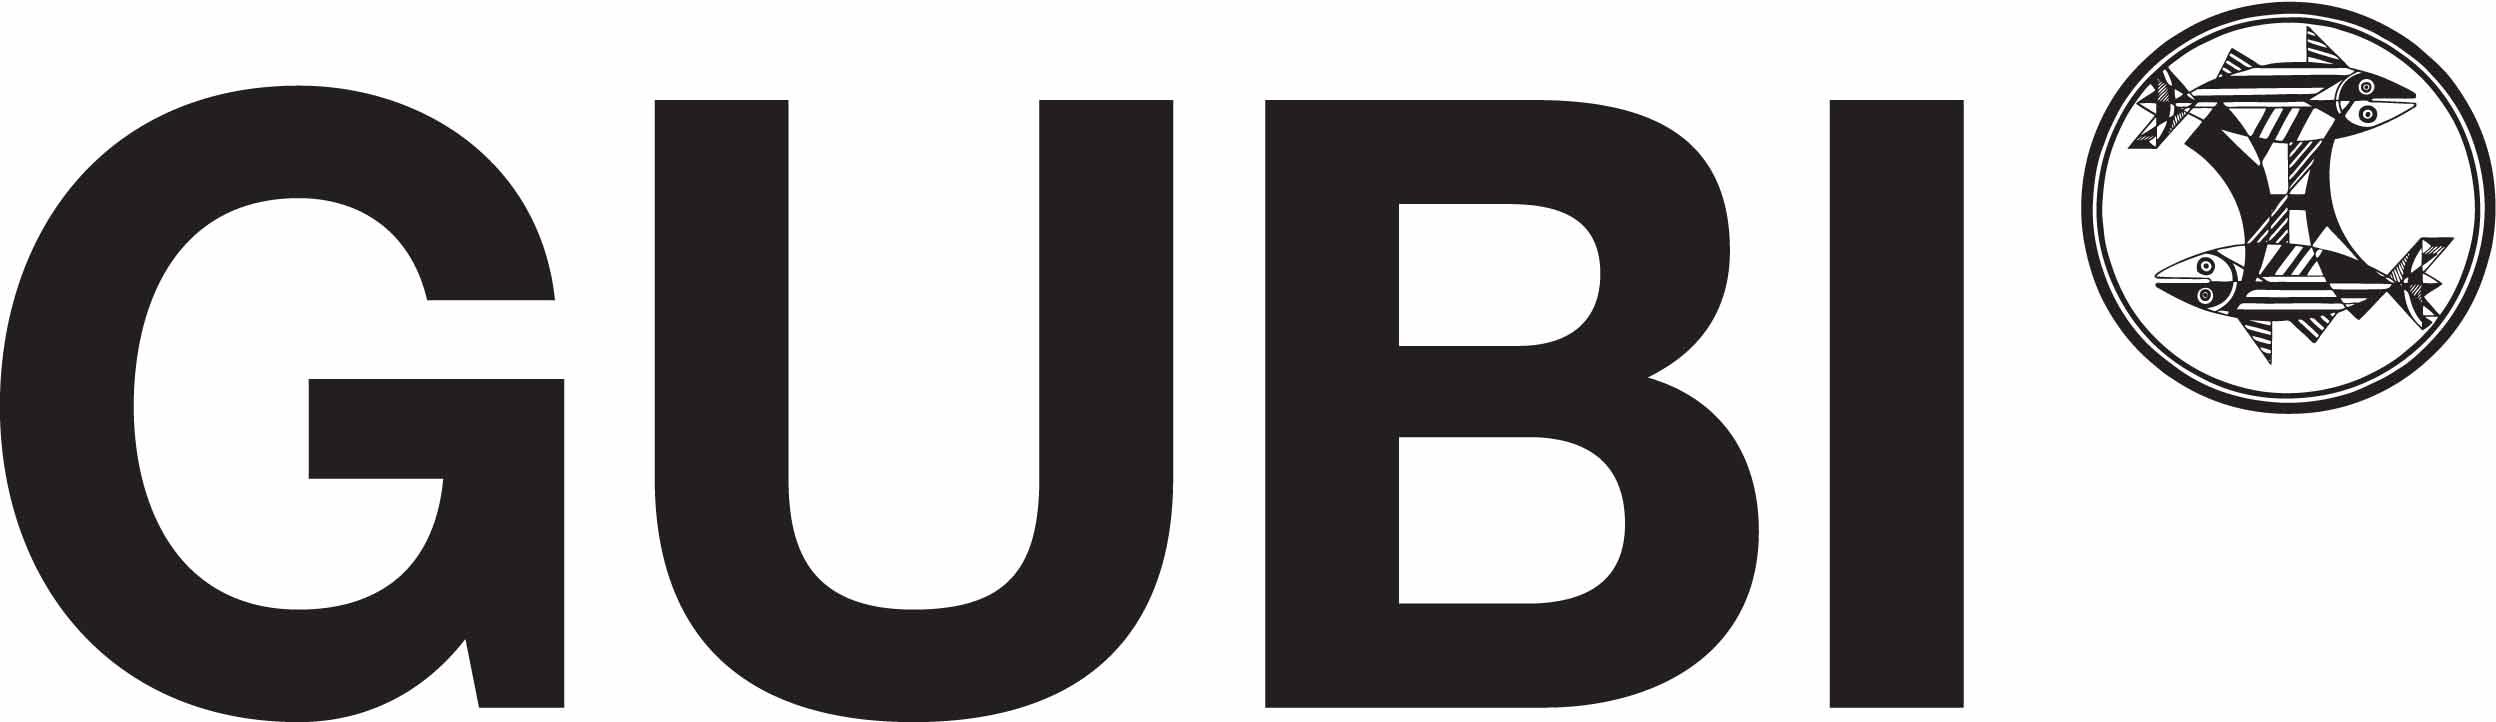 gubi_logo_black.jpg